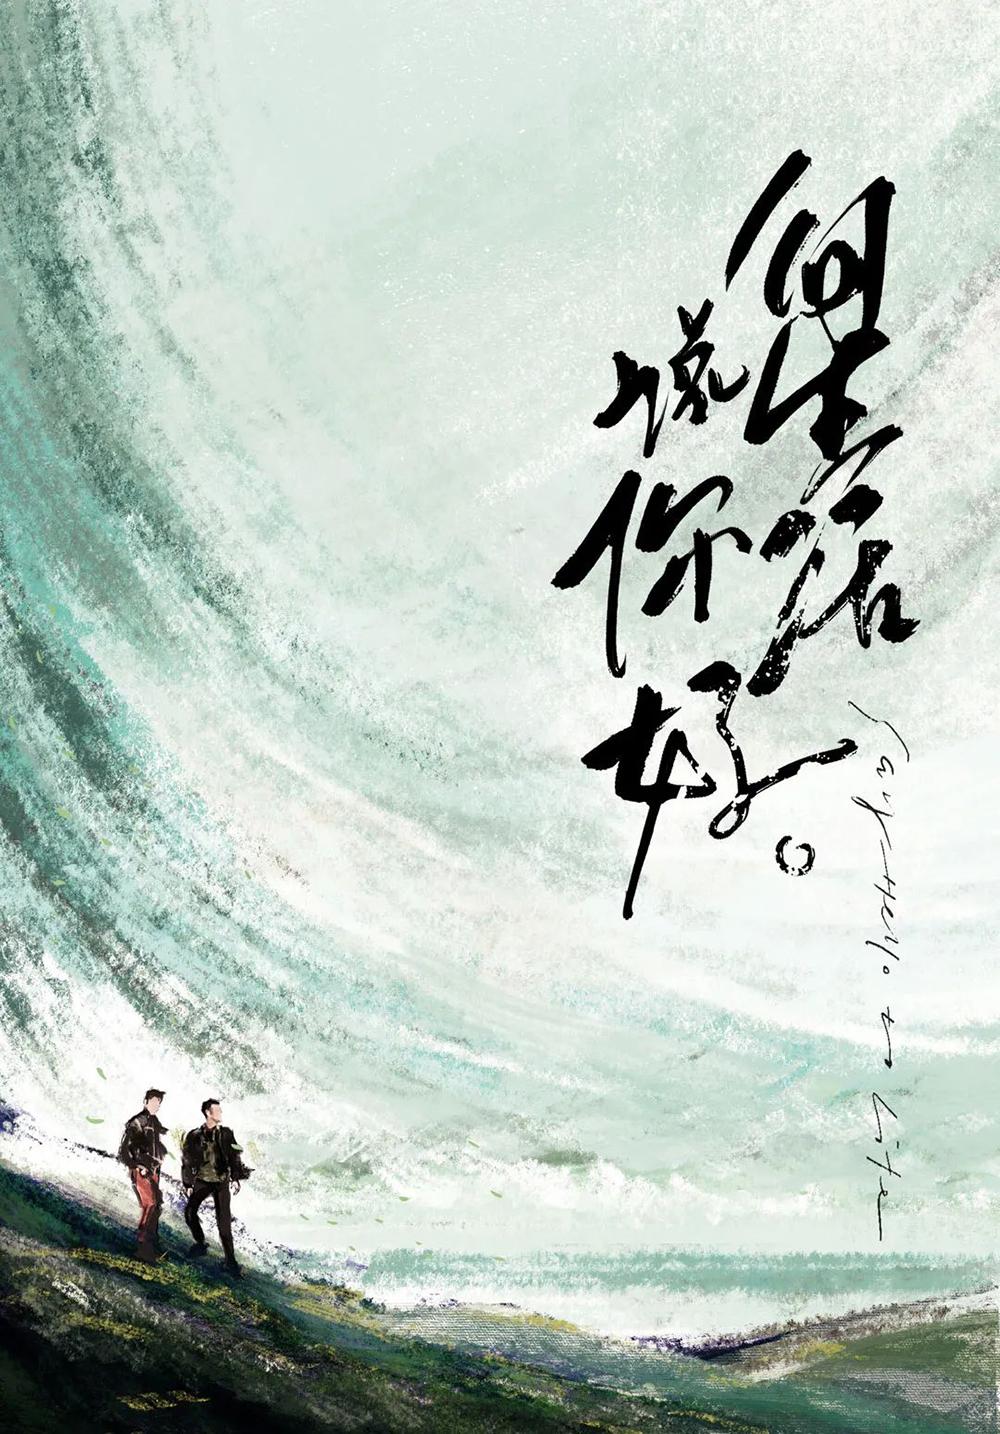 《你好生活》水墨画风格海报设计